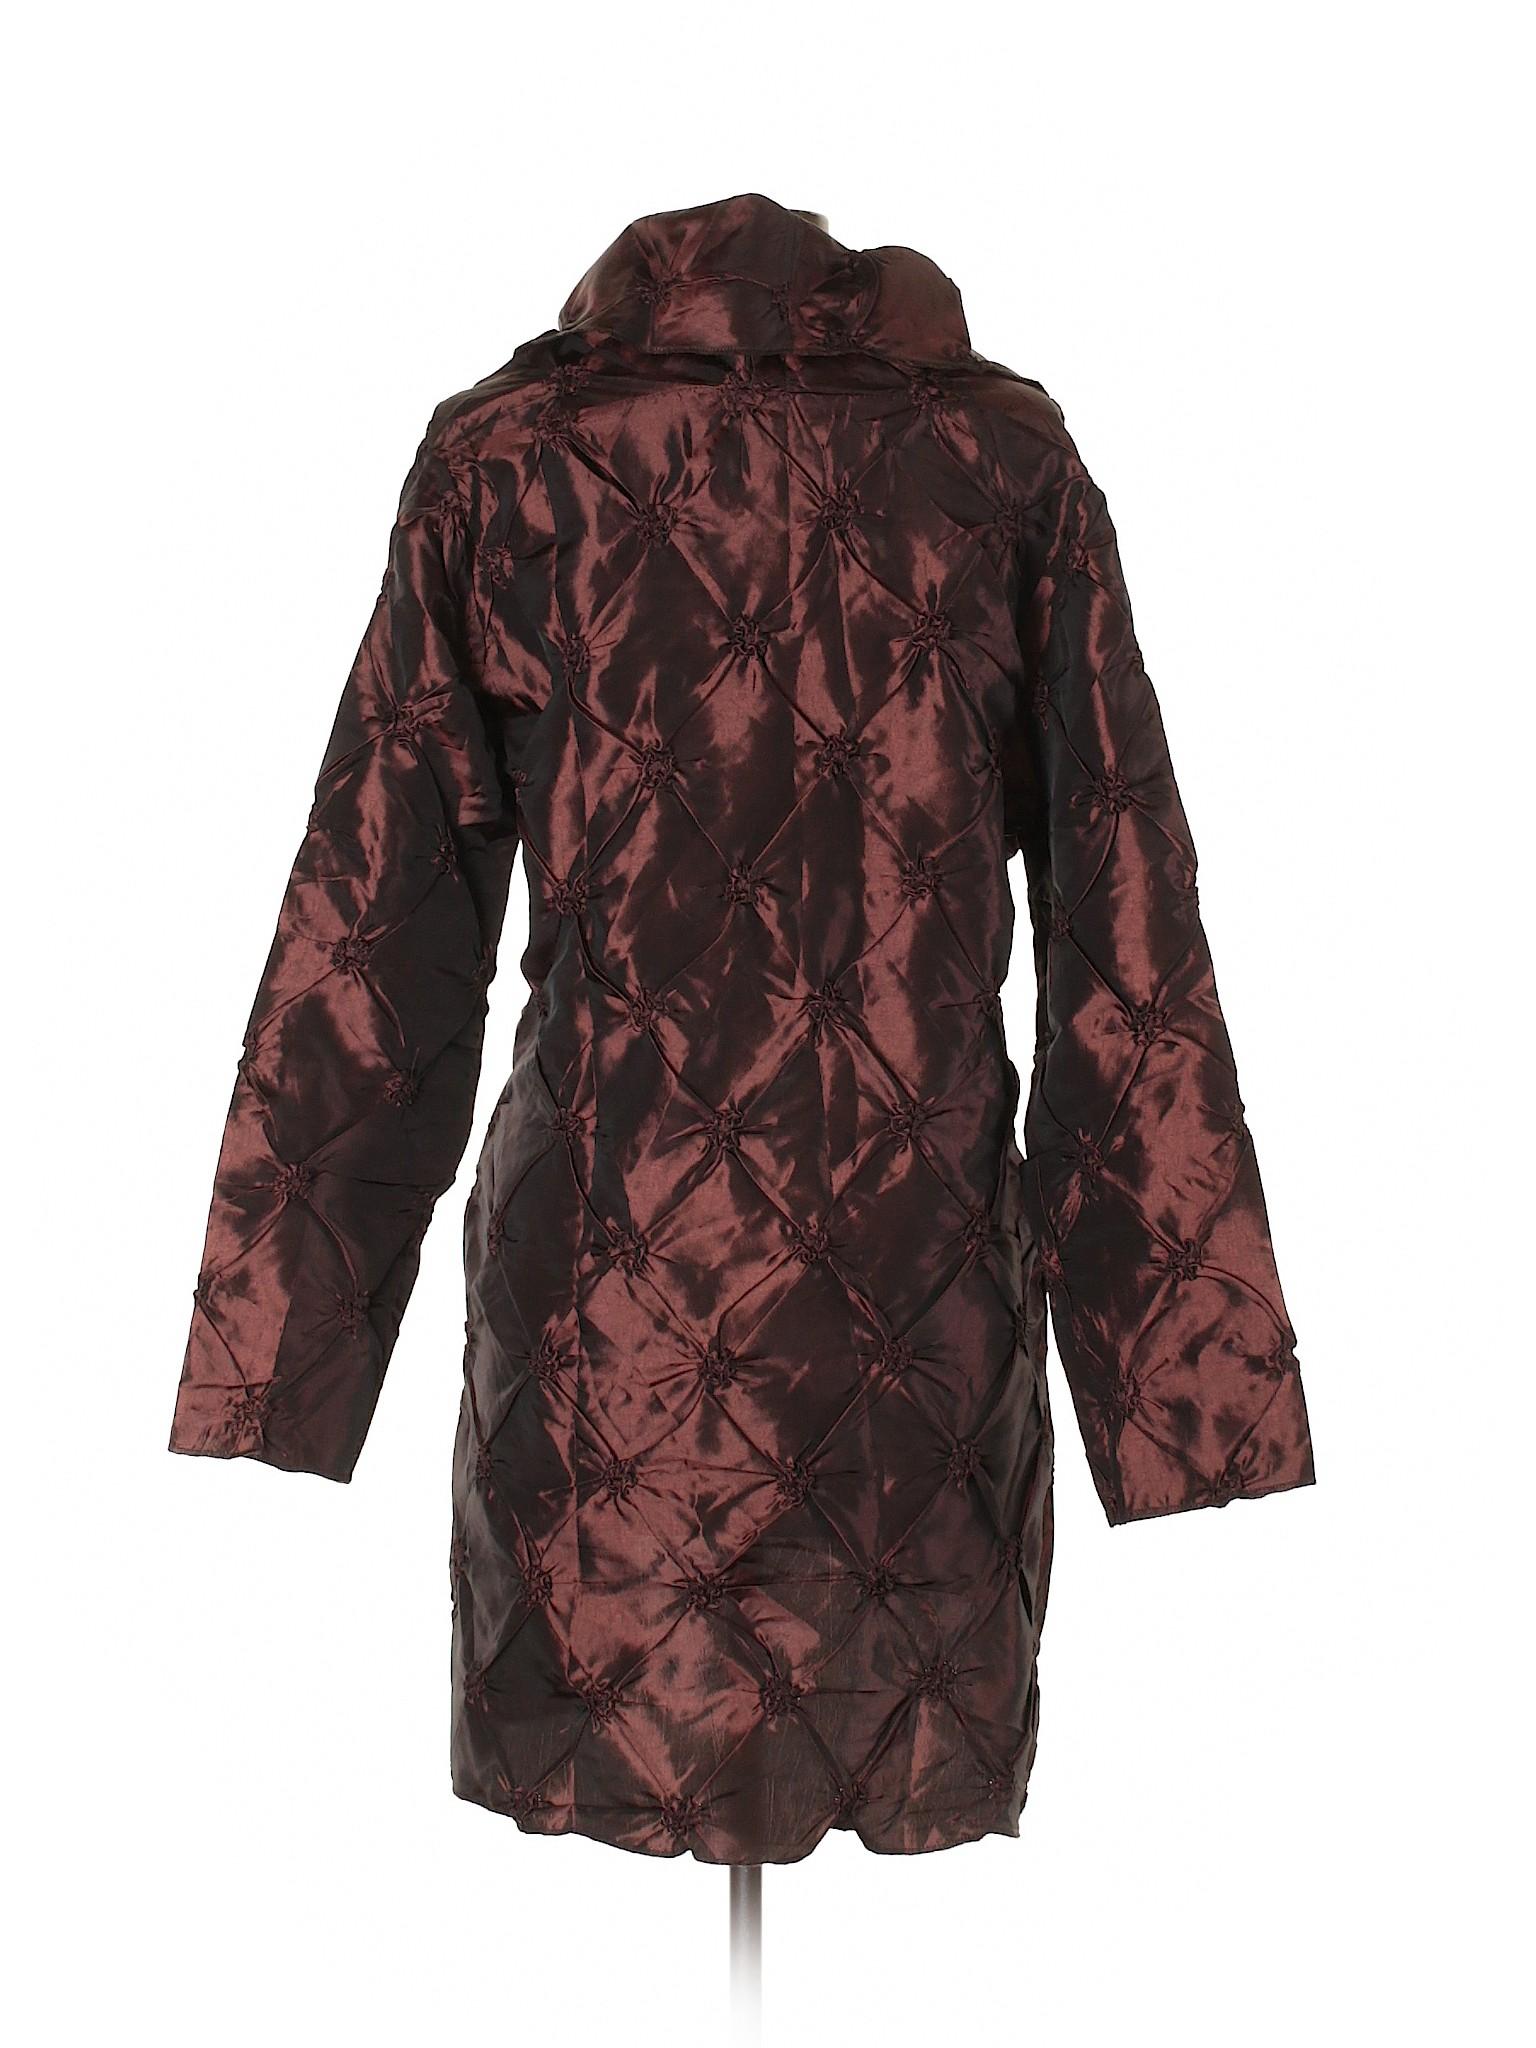 Jacket Boutique Boutique leisure leisure Box Jacket Silk leisure Box Silk Boutique fRwUIA